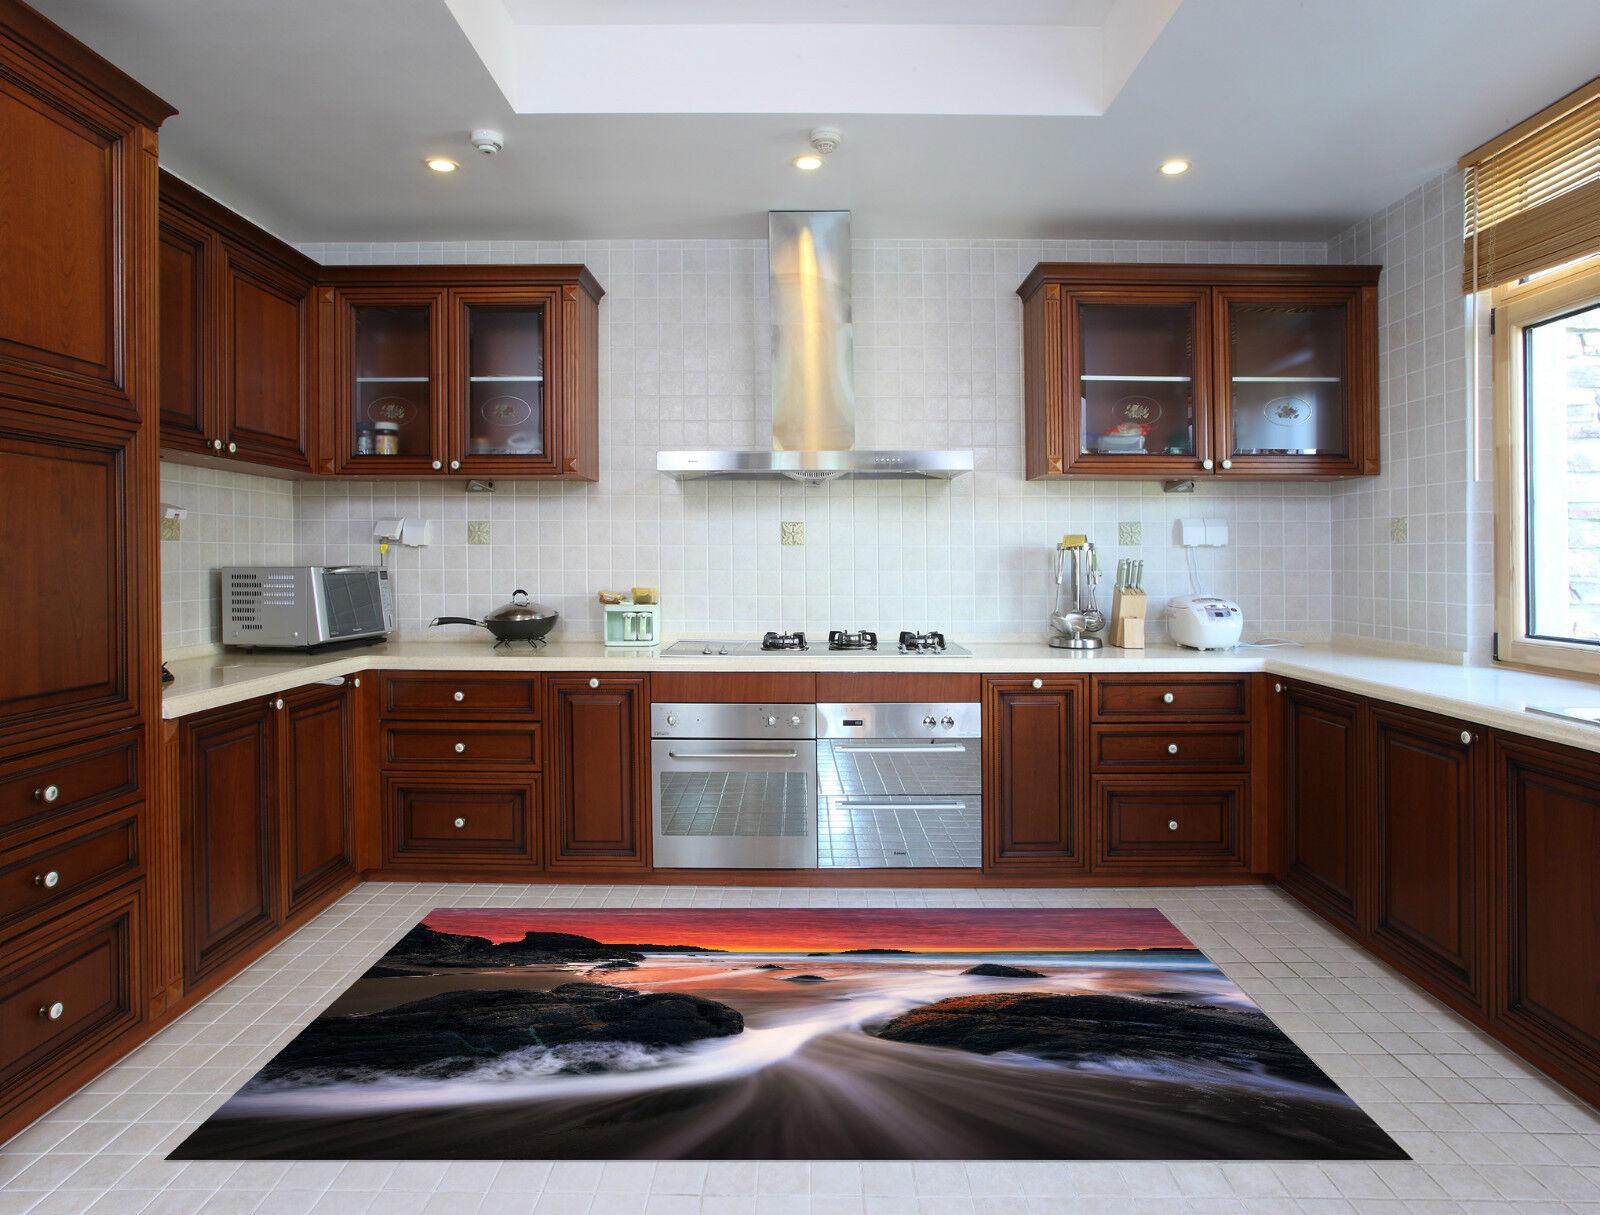 3D Beach Rosy Sky Kitchen Mat Floor Murals Wall Print Wall Deco AJ WALLPAPER CA